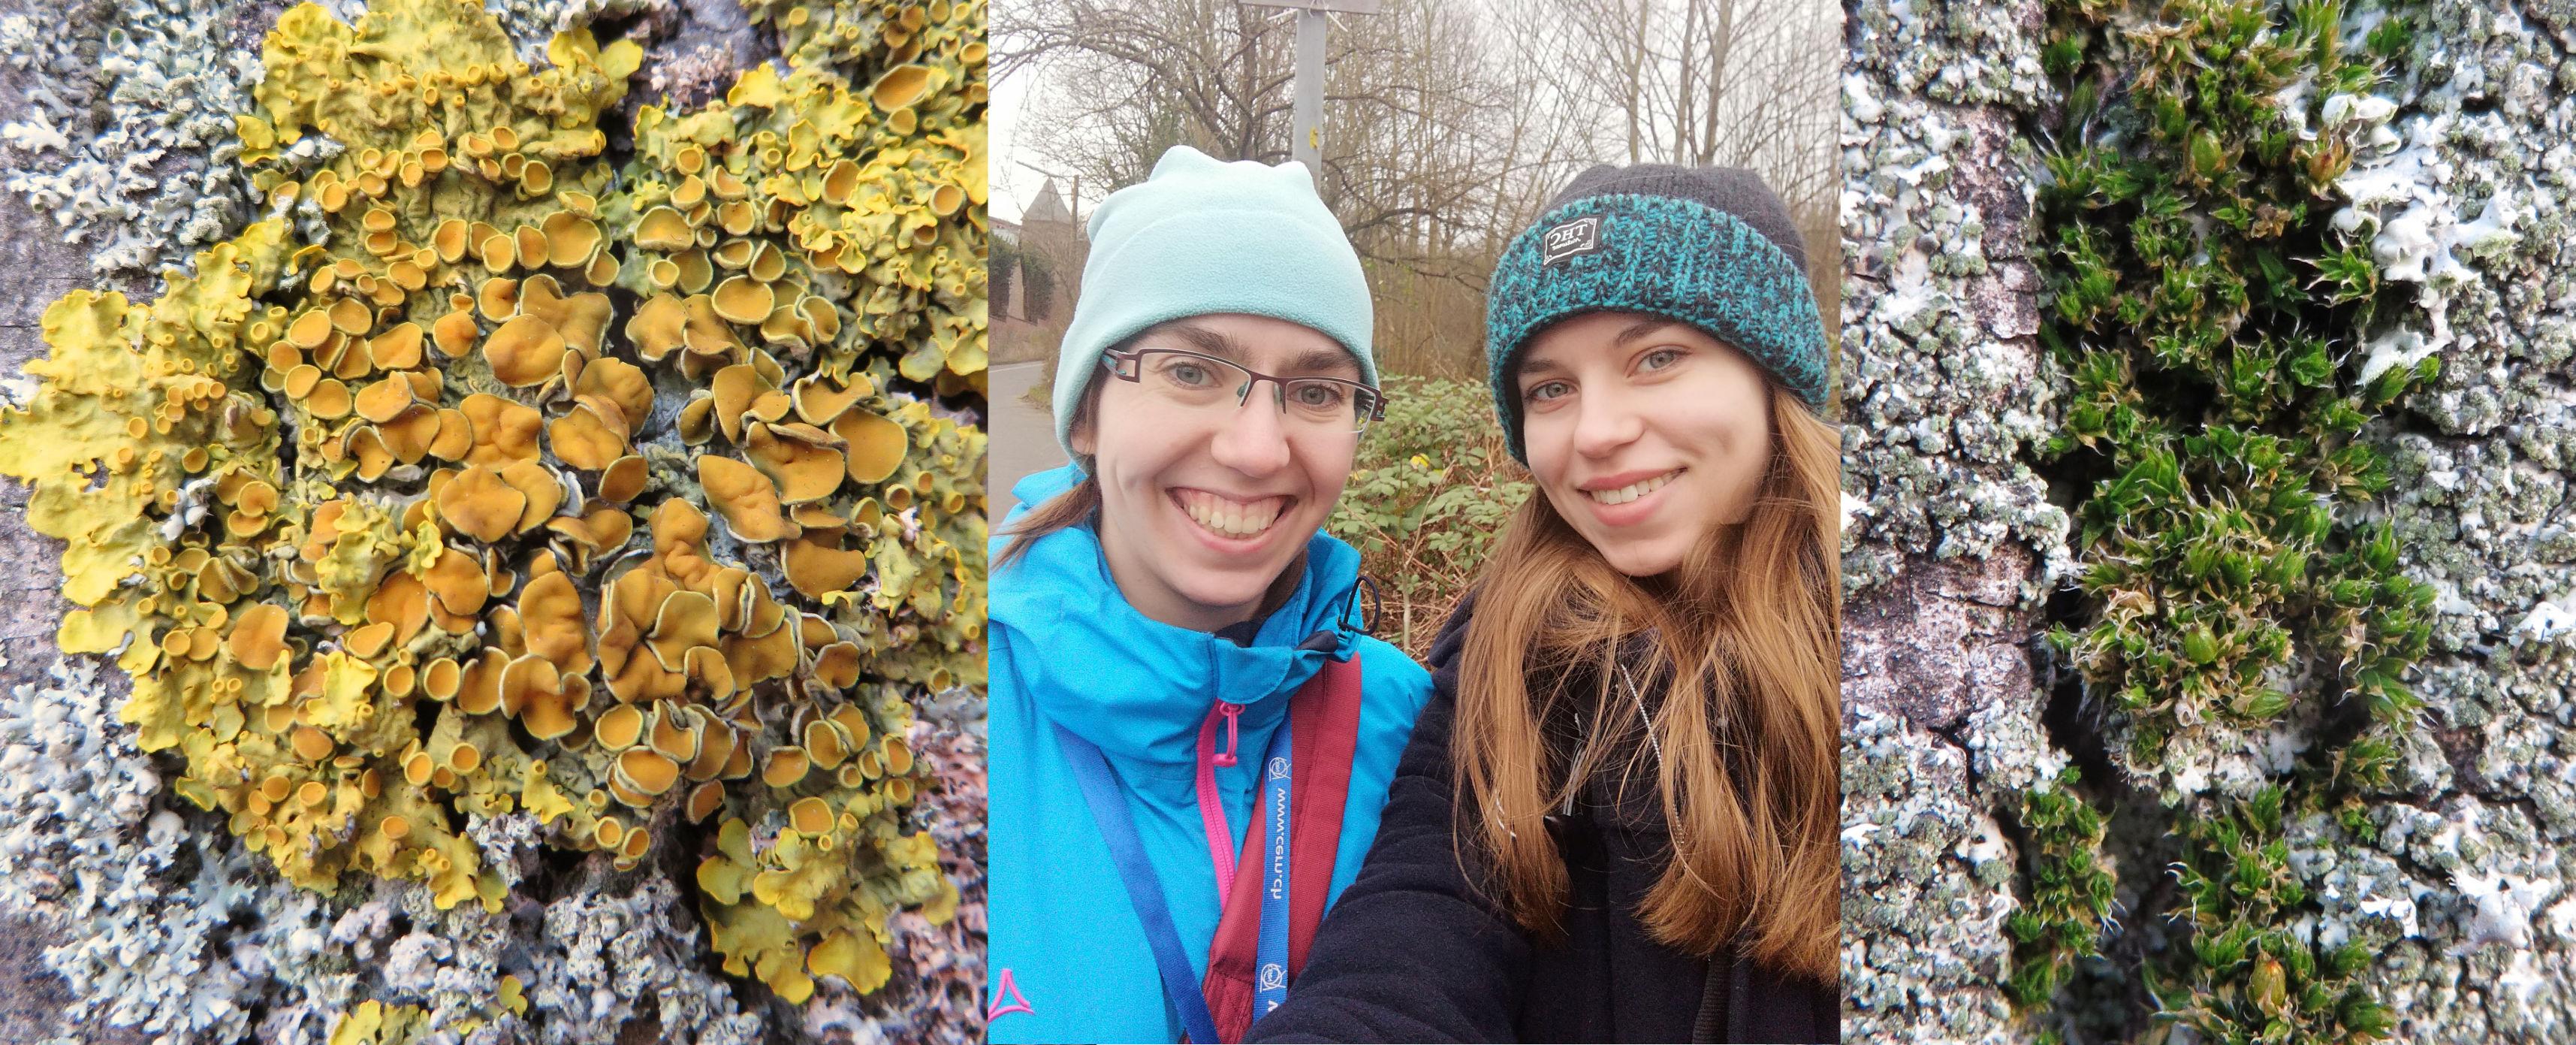 Flechten und Moose zeigen bessere Luft in Bonn an